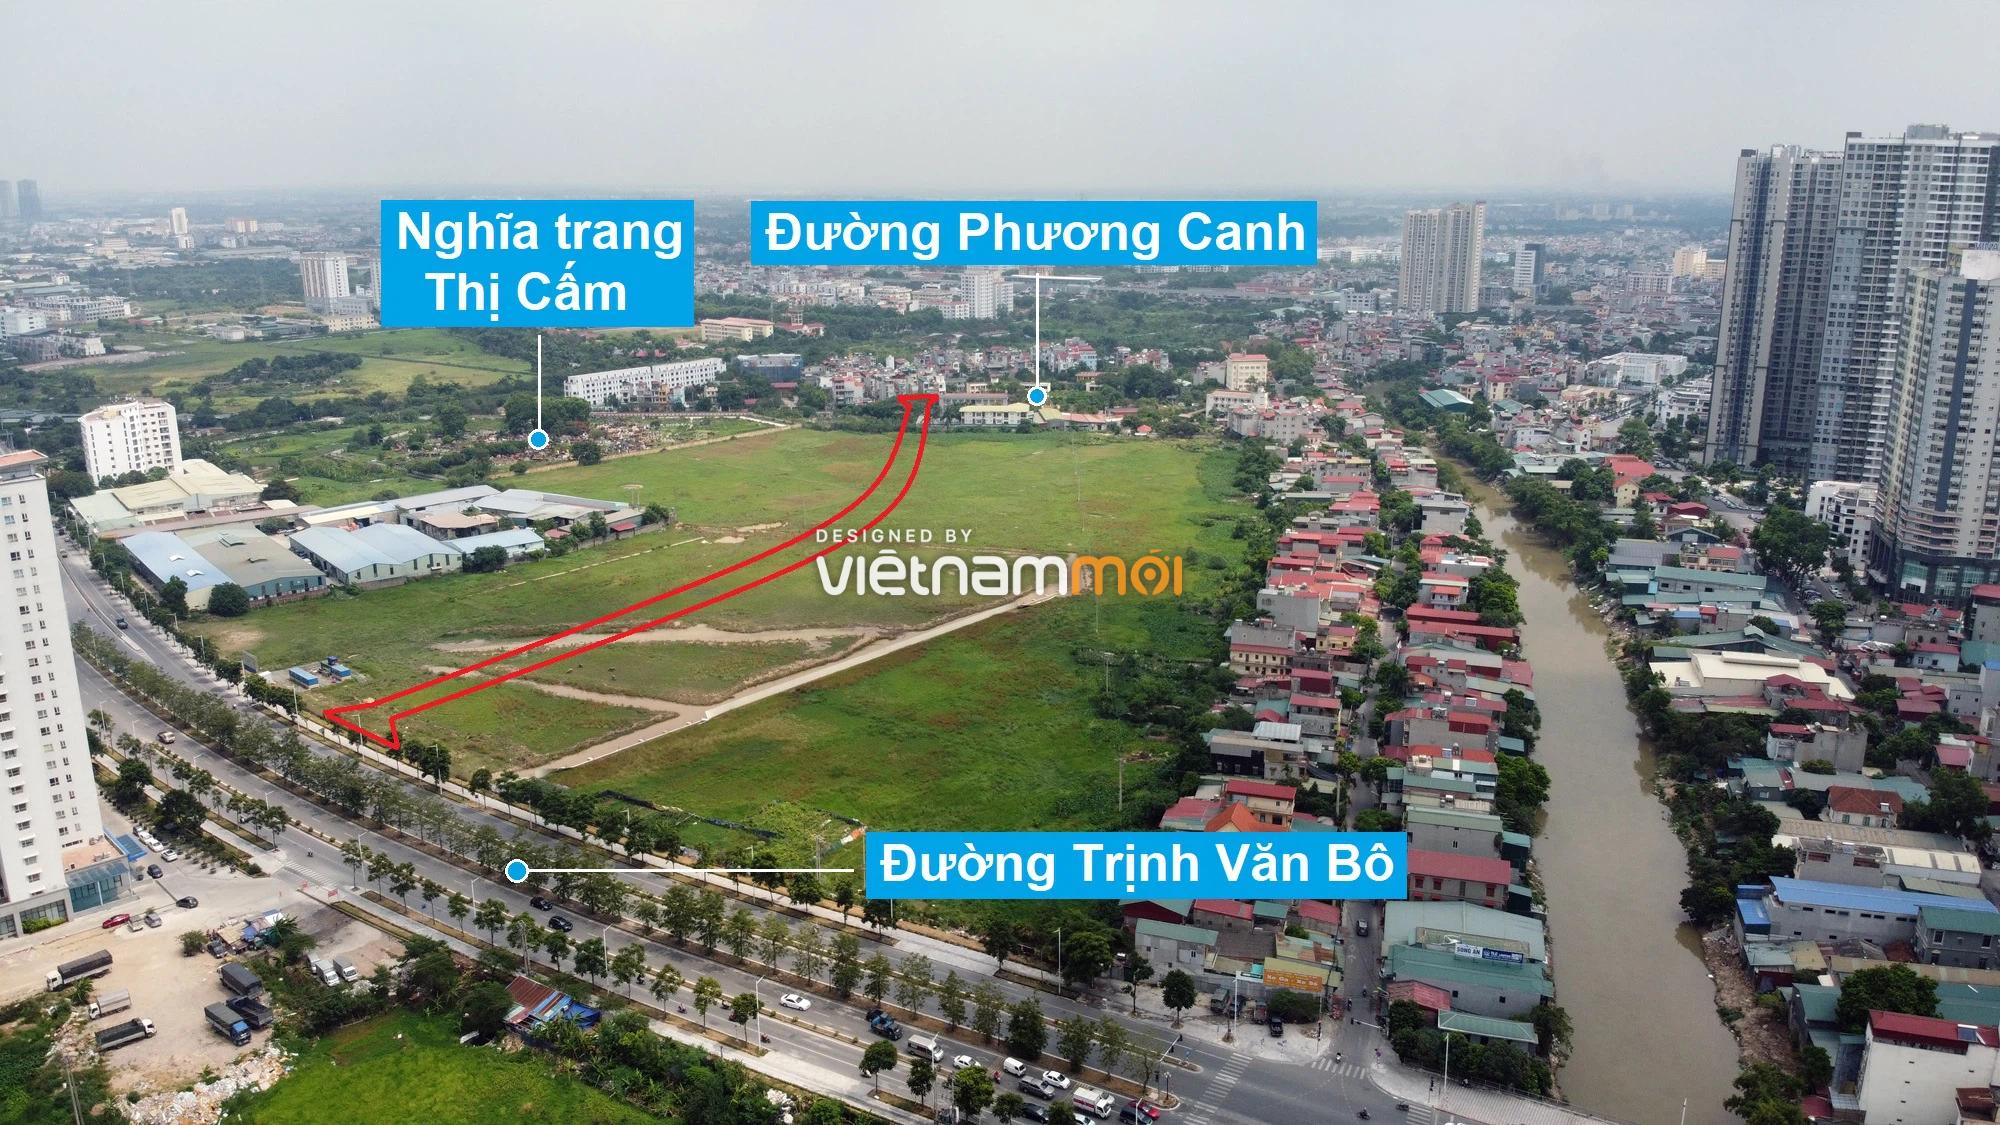 Những khu đất sắp thu hồi để mở đường ở phường Xuân Phương, Nam Từ Liêm, Hà Nội (phần 6) - Ảnh 12.